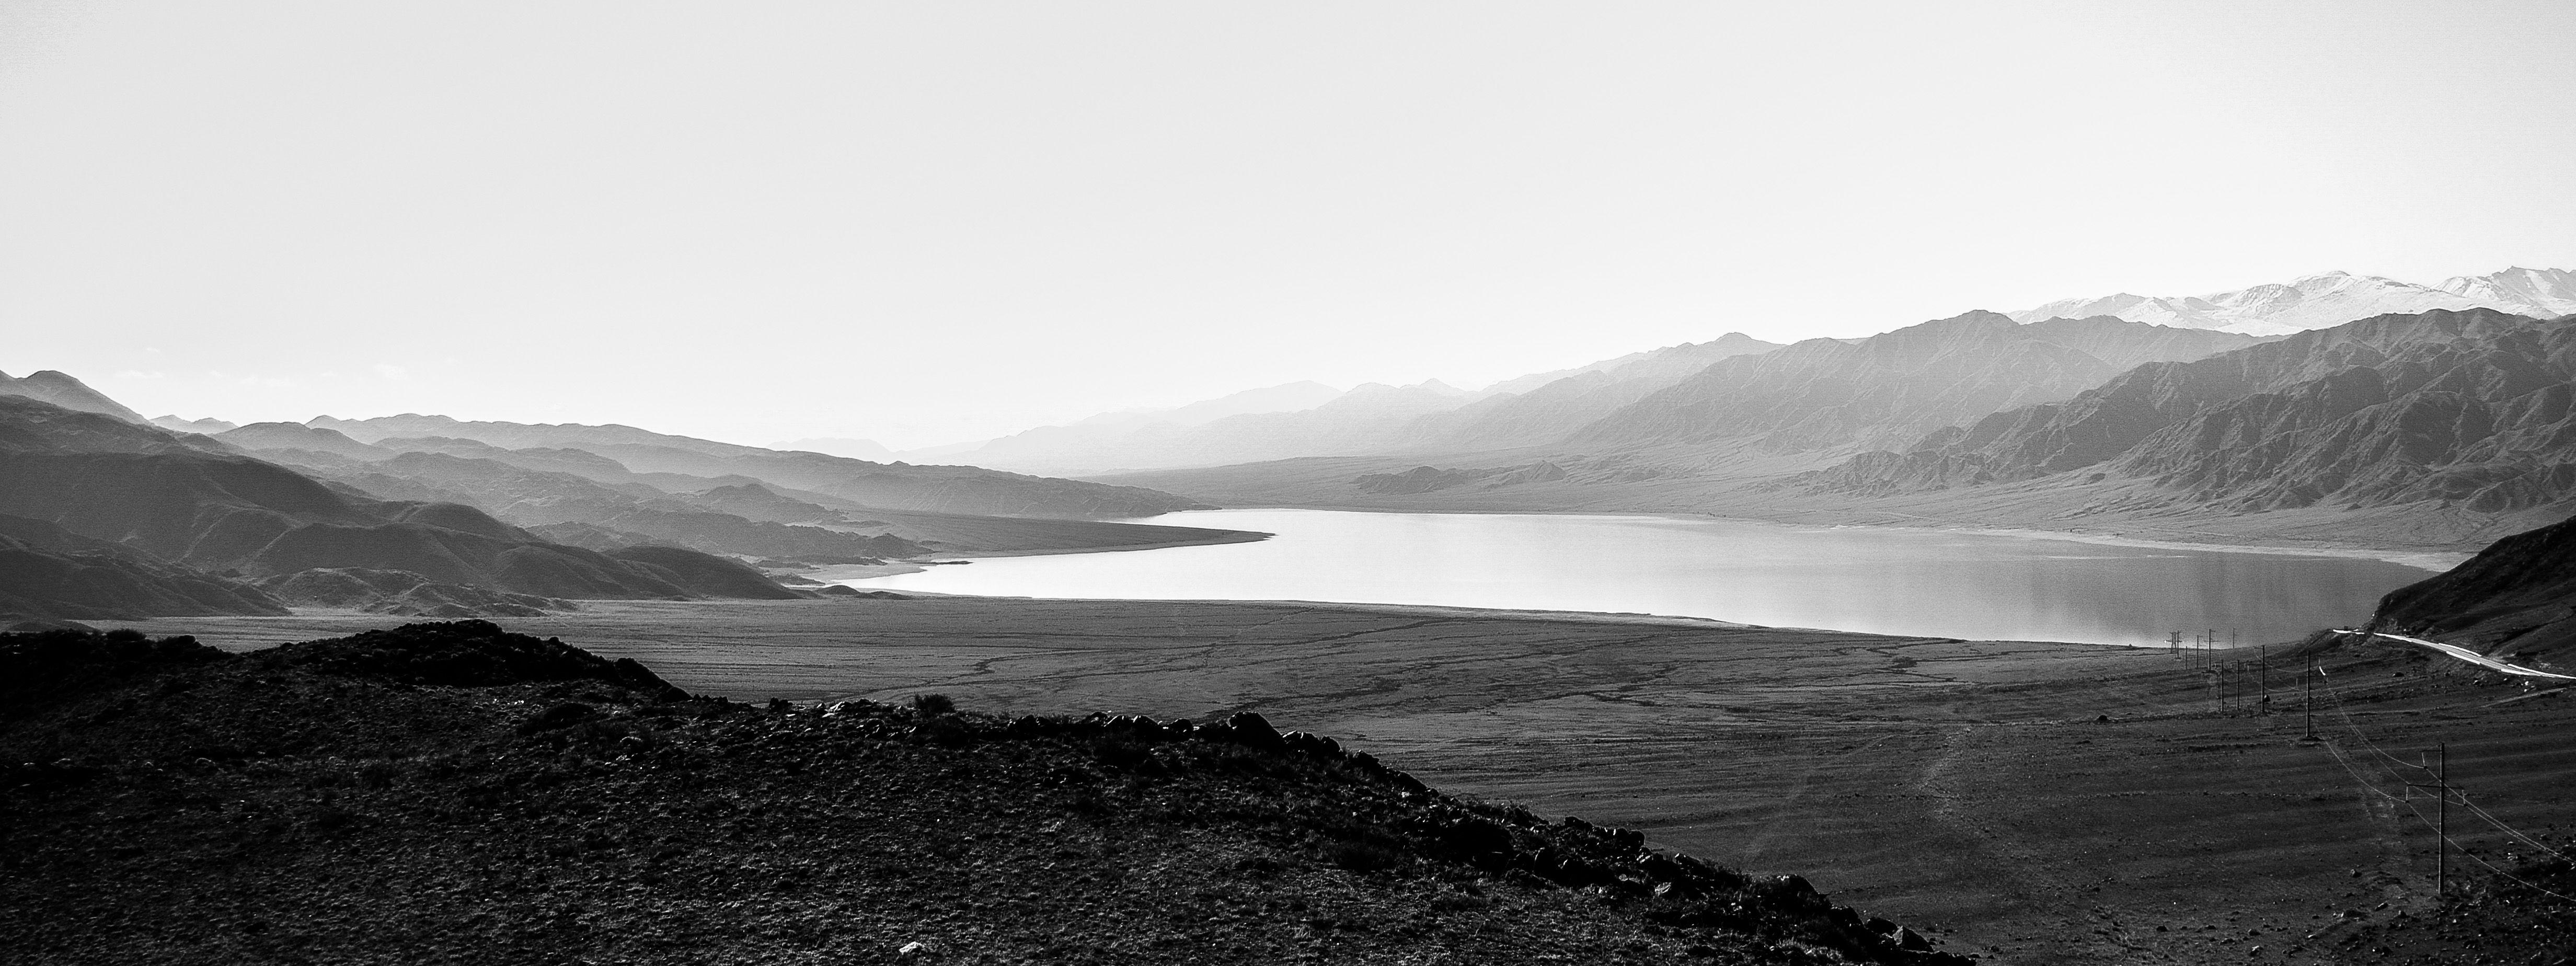 горы, природа, пейзаж, черно-белое, водохранилище, озеро, вода, Василий